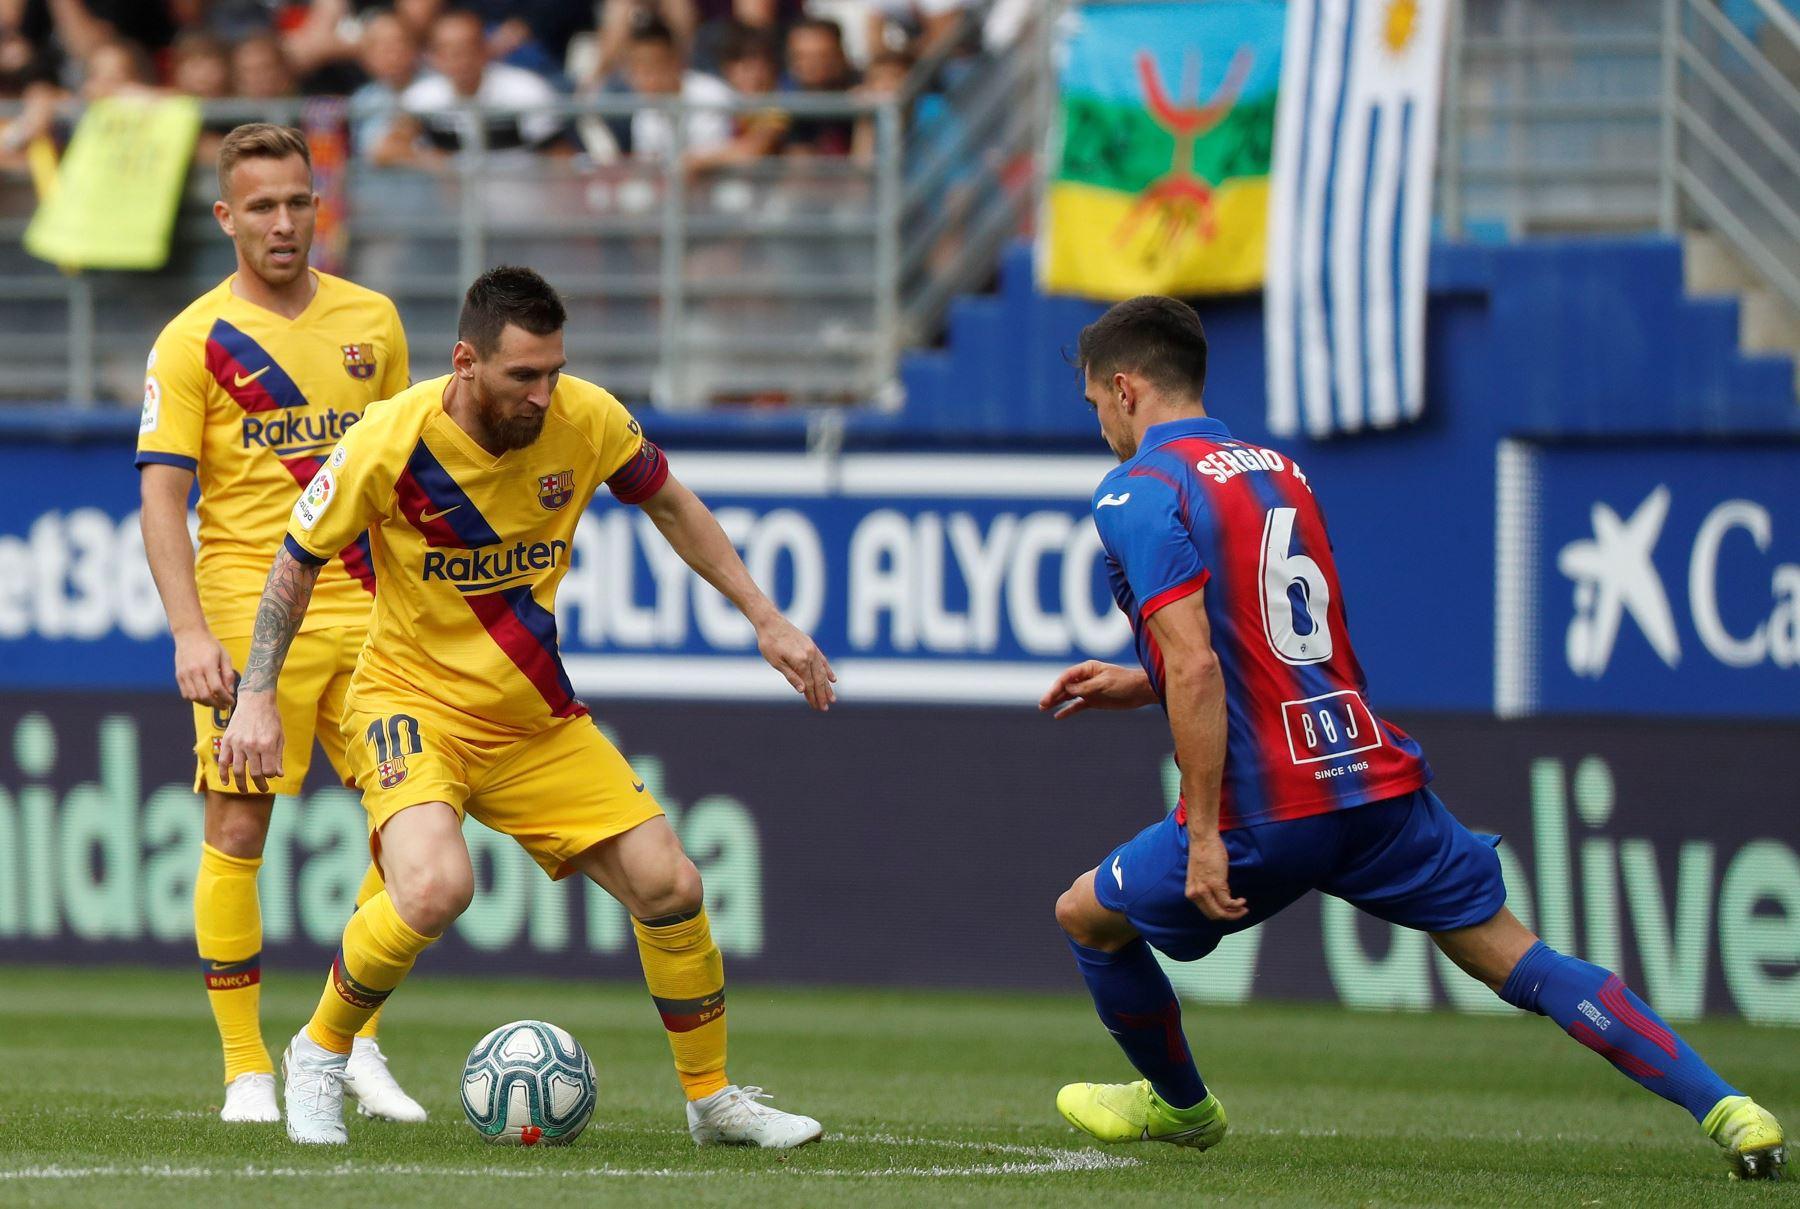 El jugador del Eibar, Sergio Alvarez, disputa el balón con el delantero del Barcelona Lionel Messi en el partido correspondiente a la novena jornada de LaLiga Santander. Foto: EFE